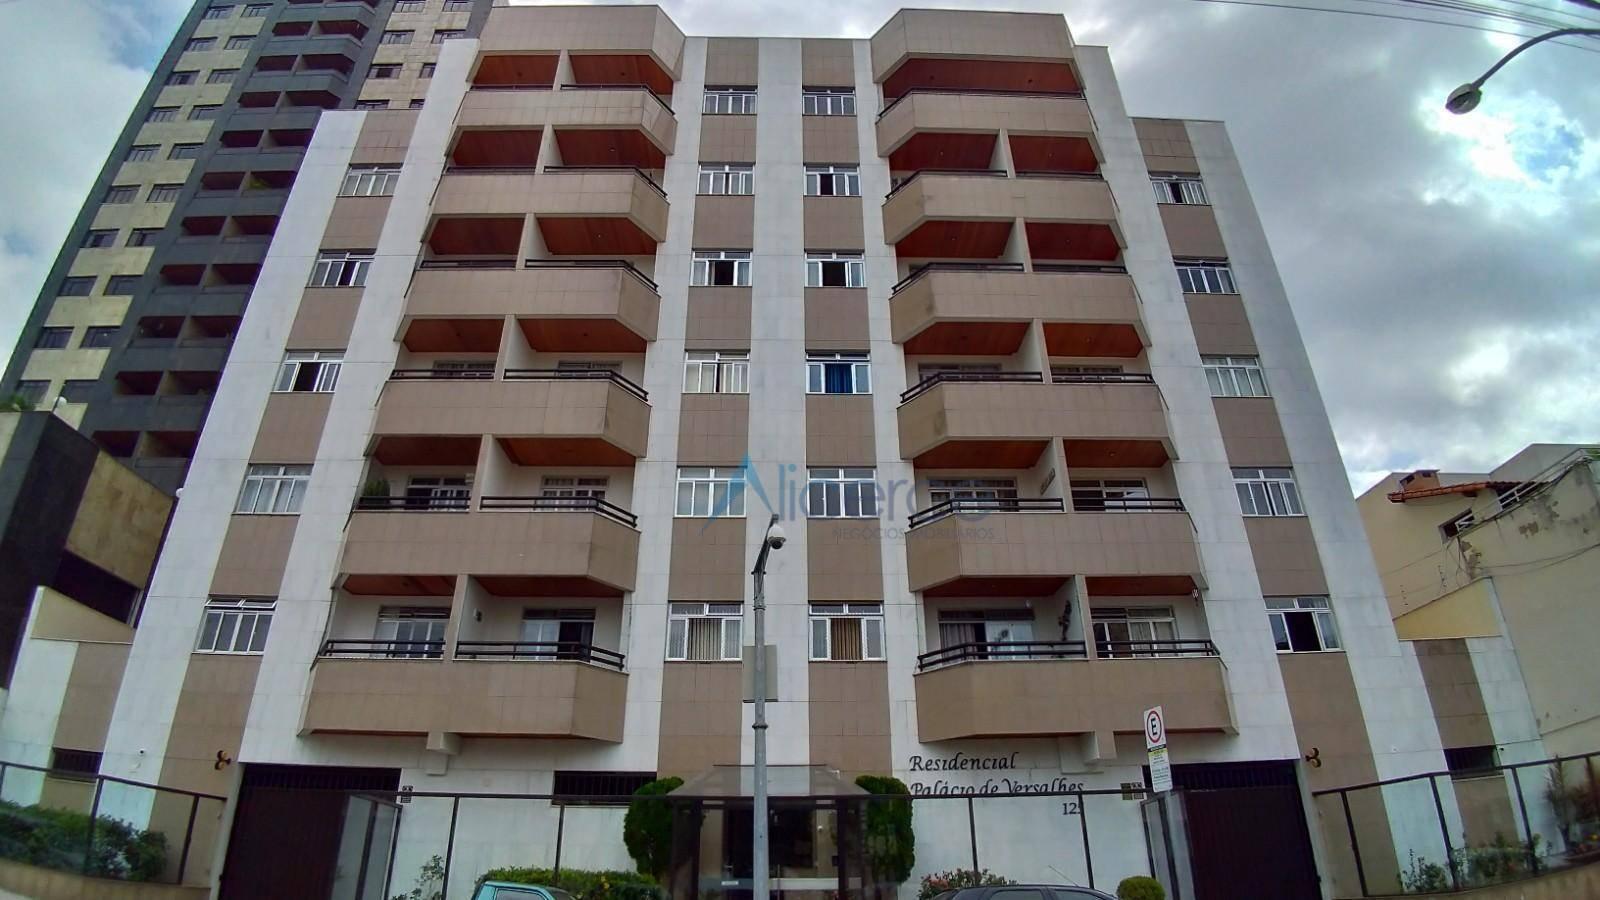 Apartamento com 2 dormitórios à venda, 65 m² por R$ 275.000 - Alto dos Passos - Juiz de Fora/MG